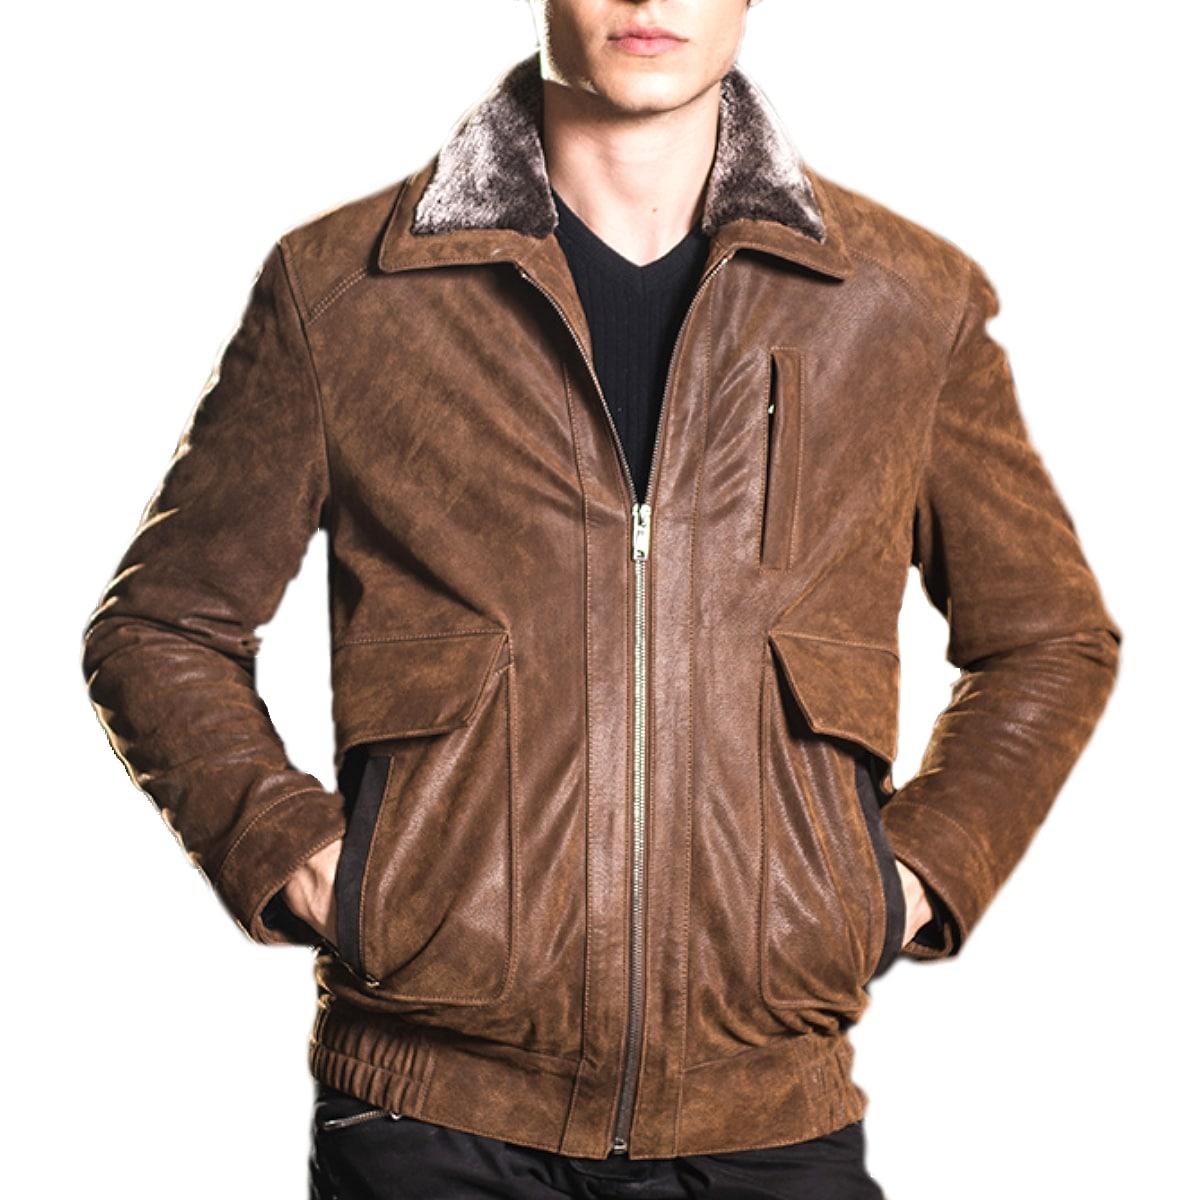 【送料無料!】全10サイズ! [Men's Air Force Vintage Pigskin Pocket Genuine Leather Jacket] メンズ エアフォース ビンテージ ピッグスキン ポケット レザー ジャケット! 本革 豚革 革ジャン ライダース ブラウン フェイクファー コート アウター バイクに!